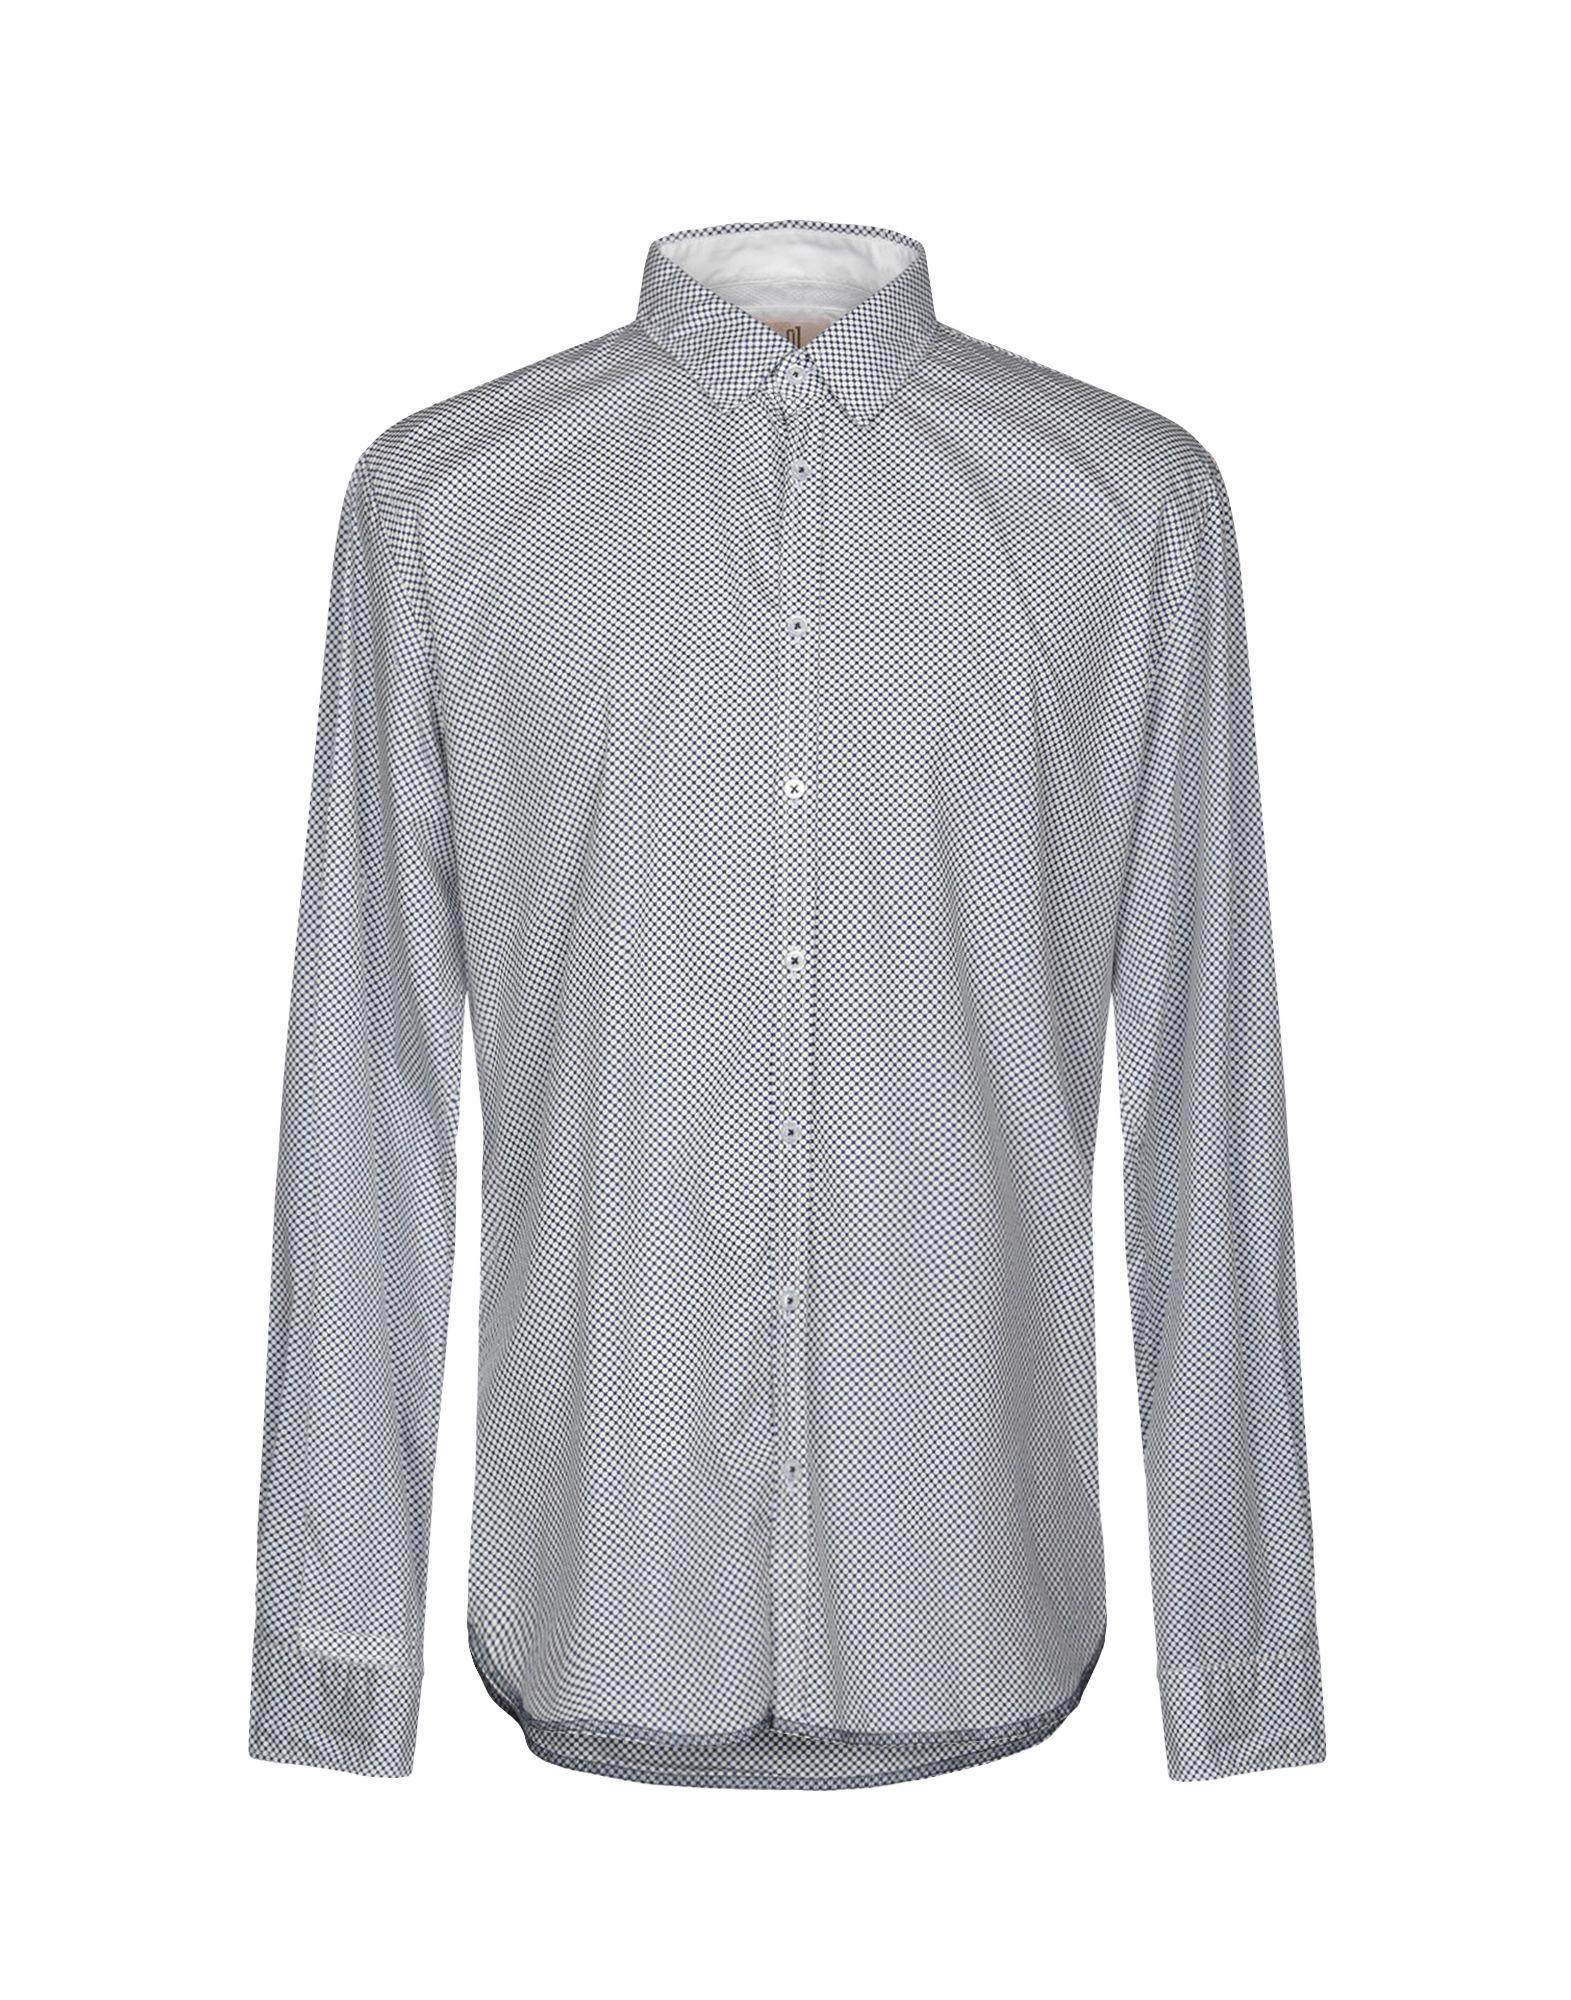 《送料無料》Q1 メンズ シャツ ダークブルー XL コットン 100%